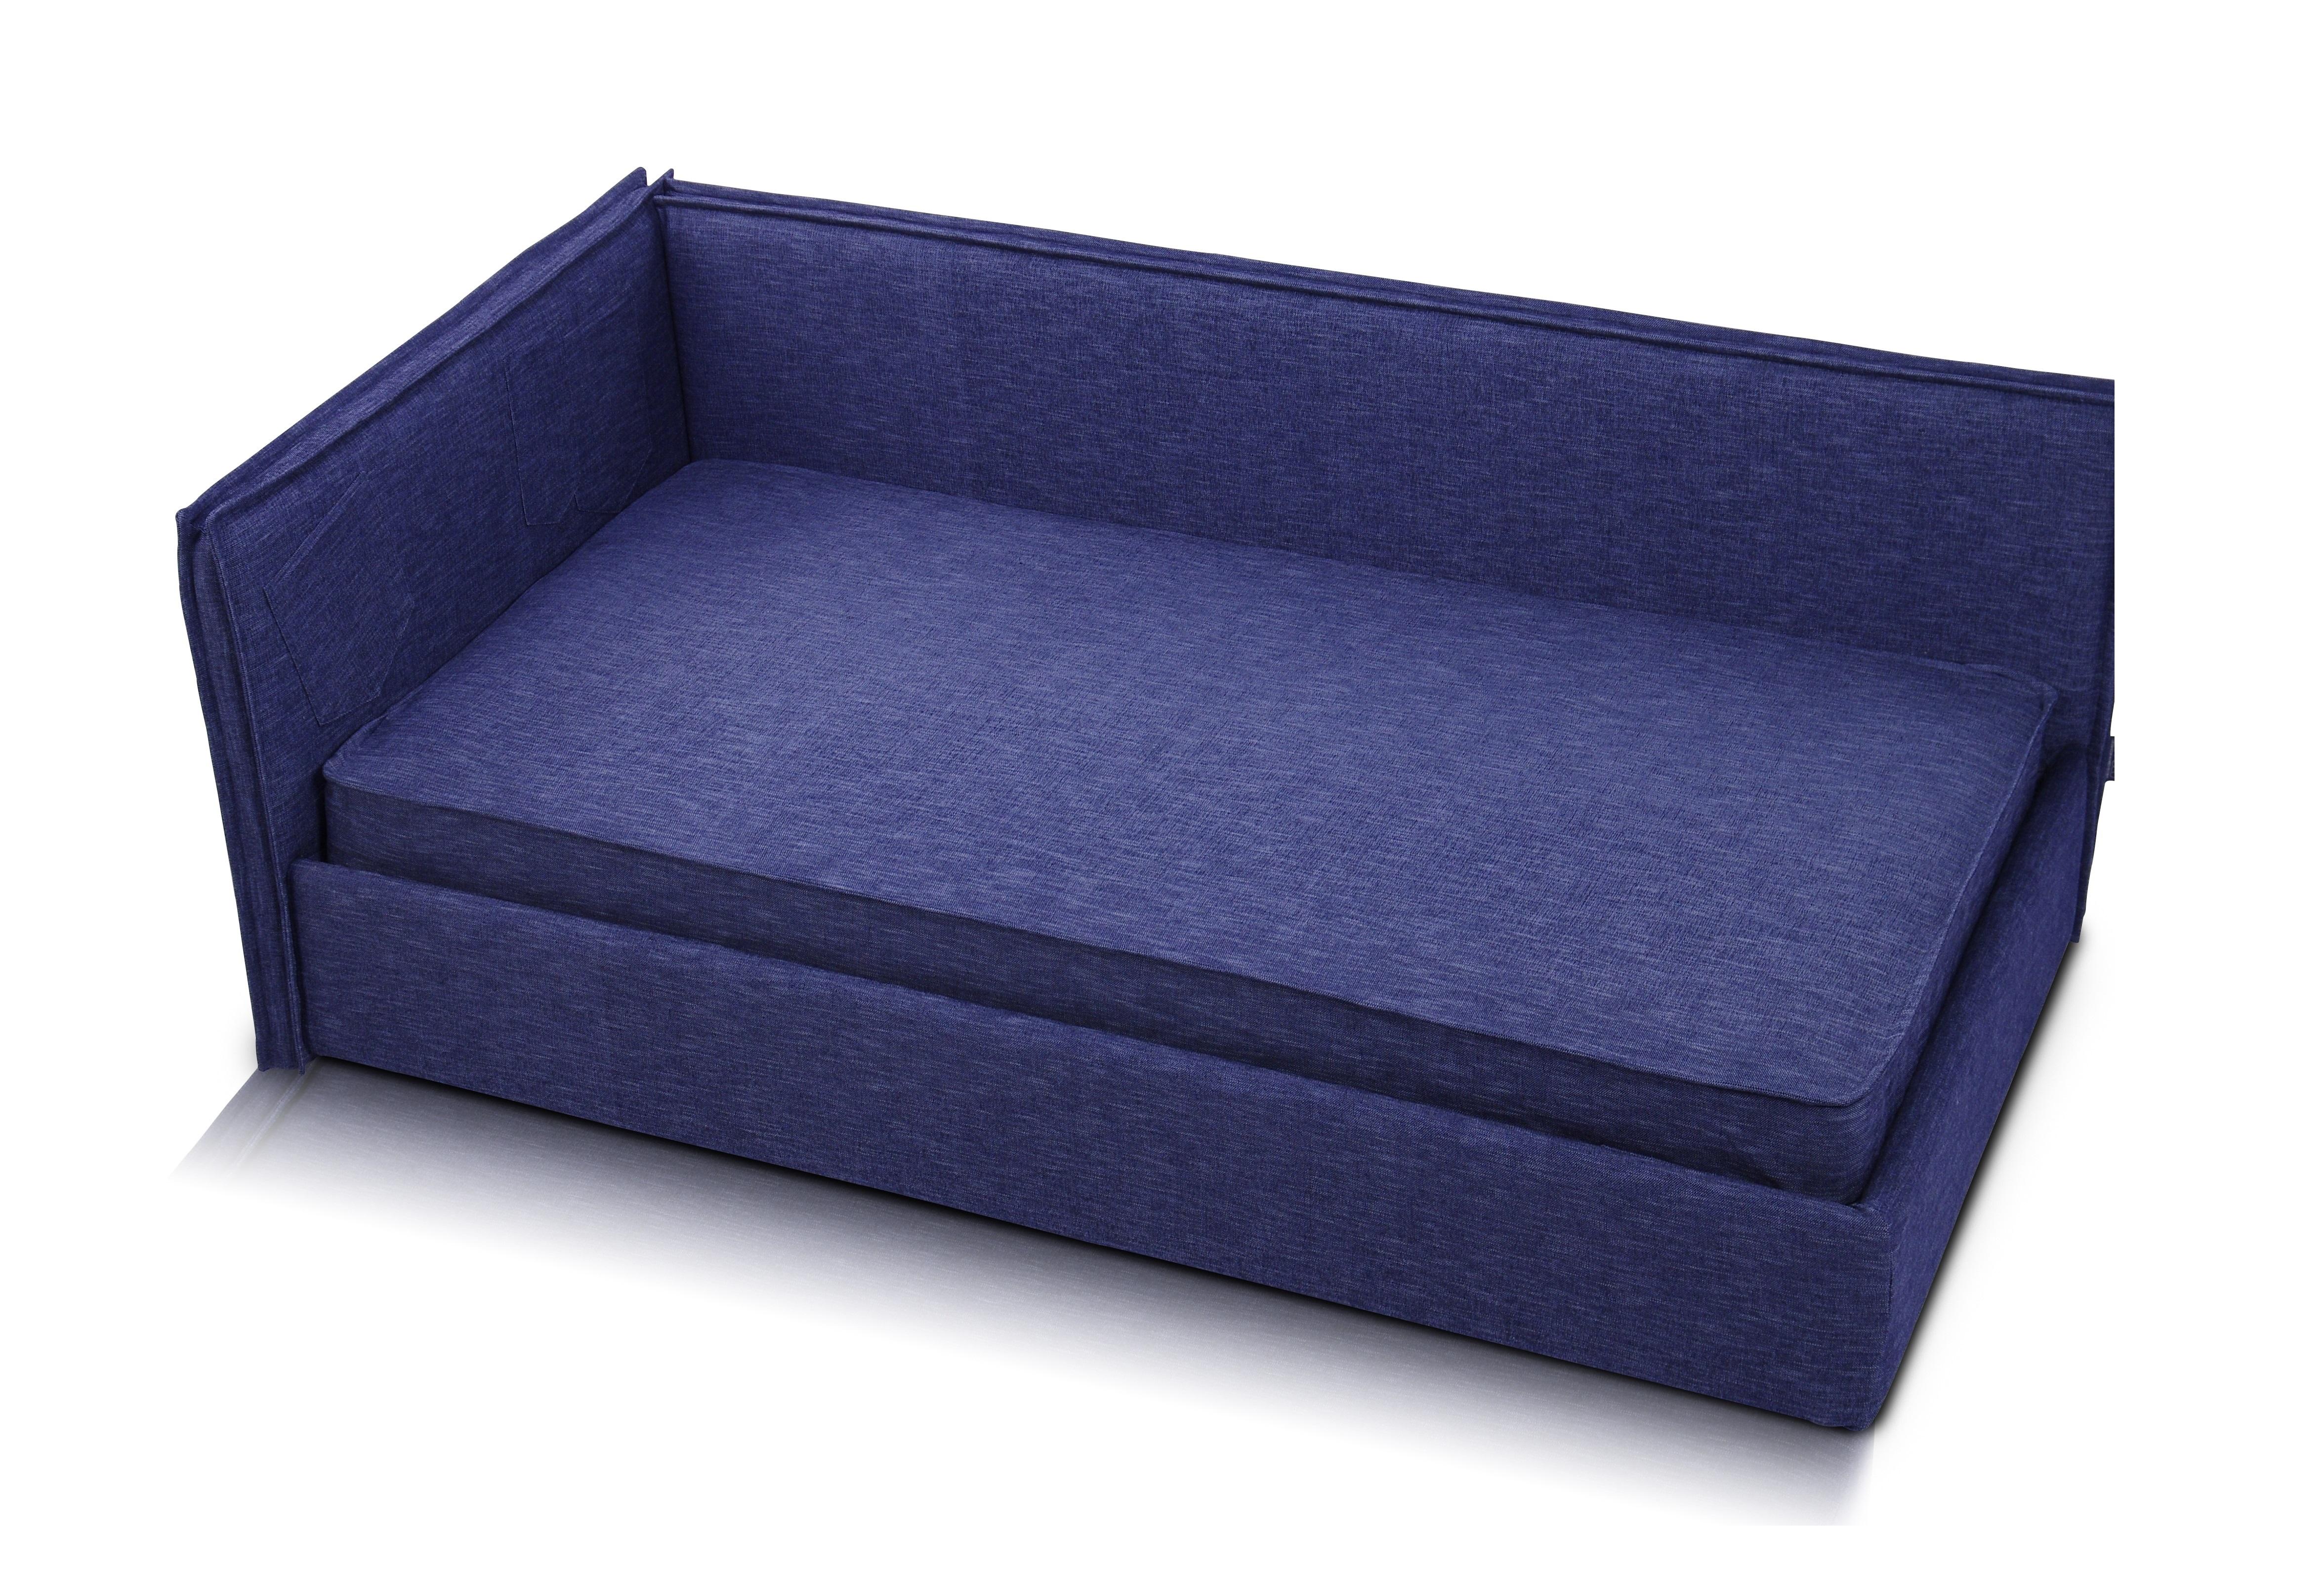 Кровать-диван SoloПрямые раскладные диваны<br>Кровать-диван  «Solo».                                                                                                                                                                                                                                                                                                                                                                                                                                                                                                    Штатный размер посадочного и спального места 200х120<br>Ортопедическое основание  входит в комплект <br>Ортопедический матрас в комплекте.<br>Элемент дизайна: отличается современным дизайном и высокой функциональностью. Он занимает мало места и способен вписаться в помещение,оформленное в любом стиле <br>Цвет синий Denim<br>Все чехлы съемные на липучках (можно чистить)&amp;amp;nbsp;&amp;lt;div&amp;gt;&amp;lt;br&amp;gt;&amp;lt;div&amp;gt;&amp;lt;br&amp;gt;&amp;lt;/div&amp;gt;&amp;lt;div&amp;gt;Опции:&amp;amp;nbsp;&amp;lt;/div&amp;gt;&amp;lt;div&amp;gt;Варианты спальных мест&amp;amp;nbsp;&amp;lt;/div&amp;gt;&amp;lt;div&amp;gt;200x90&amp;amp;nbsp;&amp;lt;/div&amp;gt;&amp;lt;div&amp;gt;190х90&amp;amp;nbsp;&amp;lt;/div&amp;gt;&amp;lt;div&amp;gt;200x100&amp;amp;nbsp;&amp;lt;/div&amp;gt;&amp;lt;div&amp;gt;190x100&amp;amp;nbsp;&amp;lt;/div&amp;gt;&amp;lt;div&amp;gt;190x120&amp;amp;nbsp;&amp;lt;/div&amp;gt;&amp;lt;div&amp;gt;&amp;lt;br&amp;gt;&amp;lt;/div&amp;gt;&amp;lt;div&amp;gt;Возможна установка подъемного механизма.&amp;amp;nbsp;&amp;lt;/div&amp;gt;&amp;lt;div&amp;gt;Цены на опции уточняйте у менеджеров.&amp;lt;/div&amp;gt;&amp;lt;div&amp;gt;Подушка, одеяло, постельное белье и дополнительные предметы в комплект не входят&amp;lt;/div&amp;gt;&amp;lt;/div&amp;gt;<br><br>Material: Текстиль<br>Length см: None<br>Width см: 210<br>Depth см: 130<br>Height см: 90